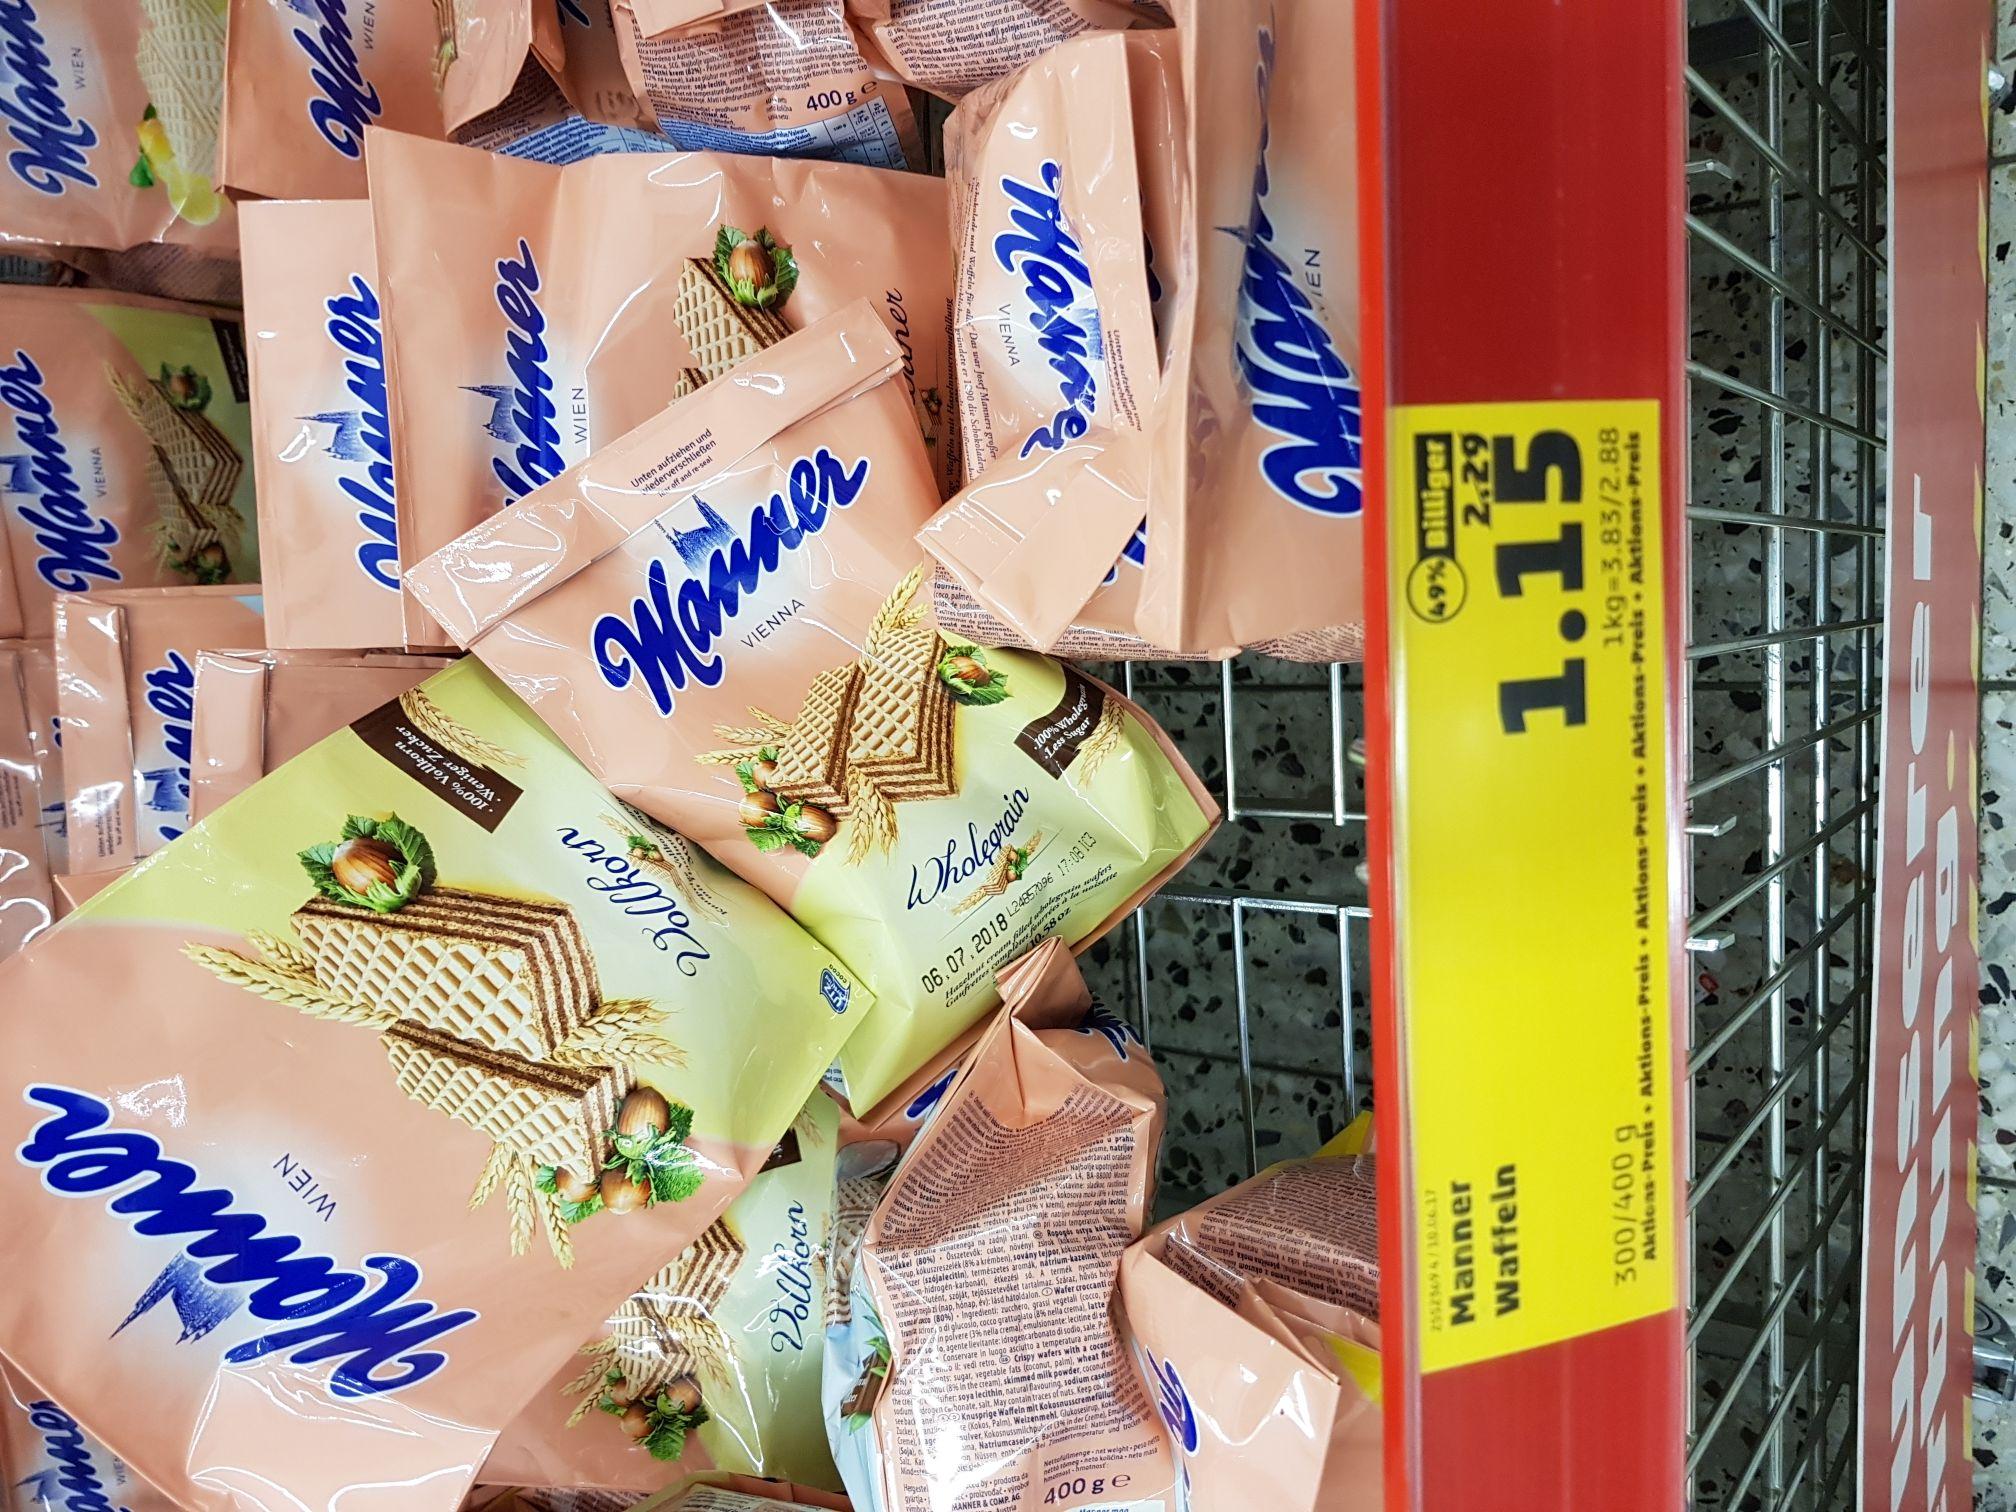 Manner Waffeln Neapolitaner und verschiedene andere Sorten 400g für 1.15€ Penny Bielefeld